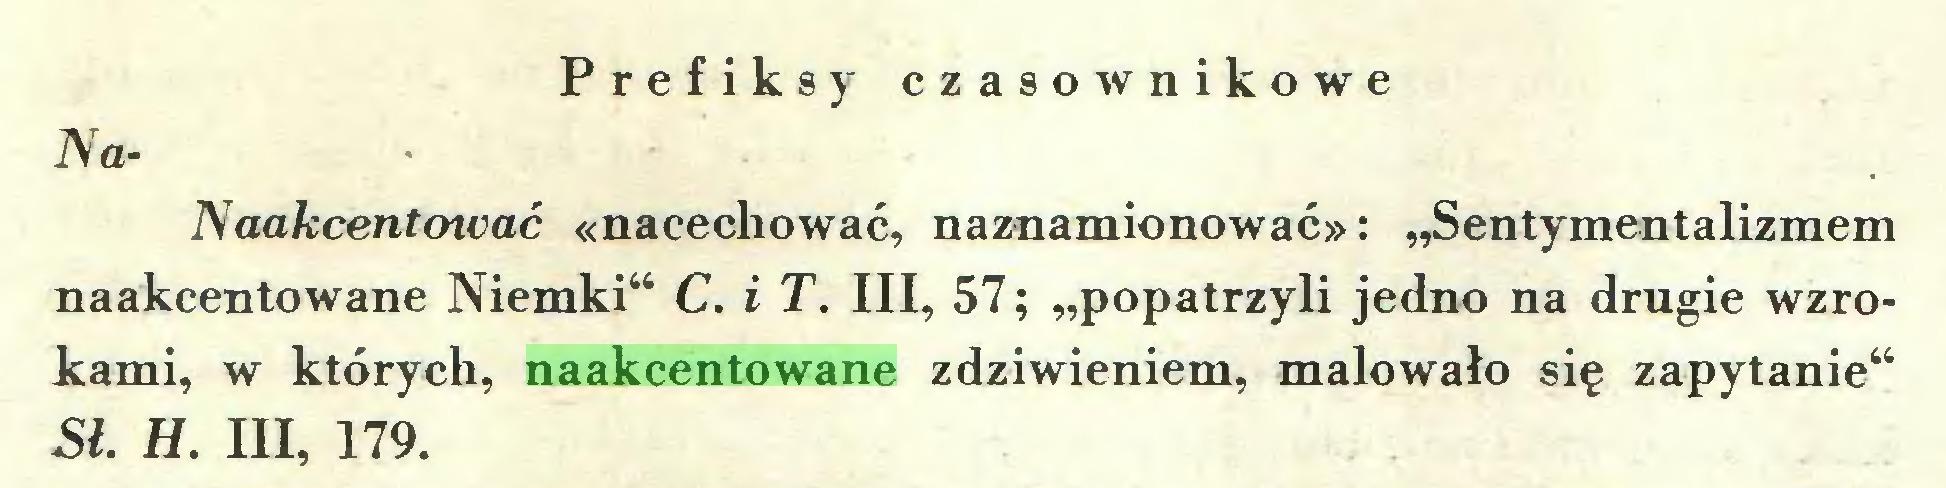 """(...) Prefiksy czasownikowe NaNaakcentować «nacechować, naznamionować»: """"Sentymentalizmem naakcentowane Niemki"""" C. i T. III, 57; """"popatrzyli jedno na drugie wzrokami, w których, naakcentowane zdziwieniem, malowało się zapytanie"""" Sł. H. III, 179..."""